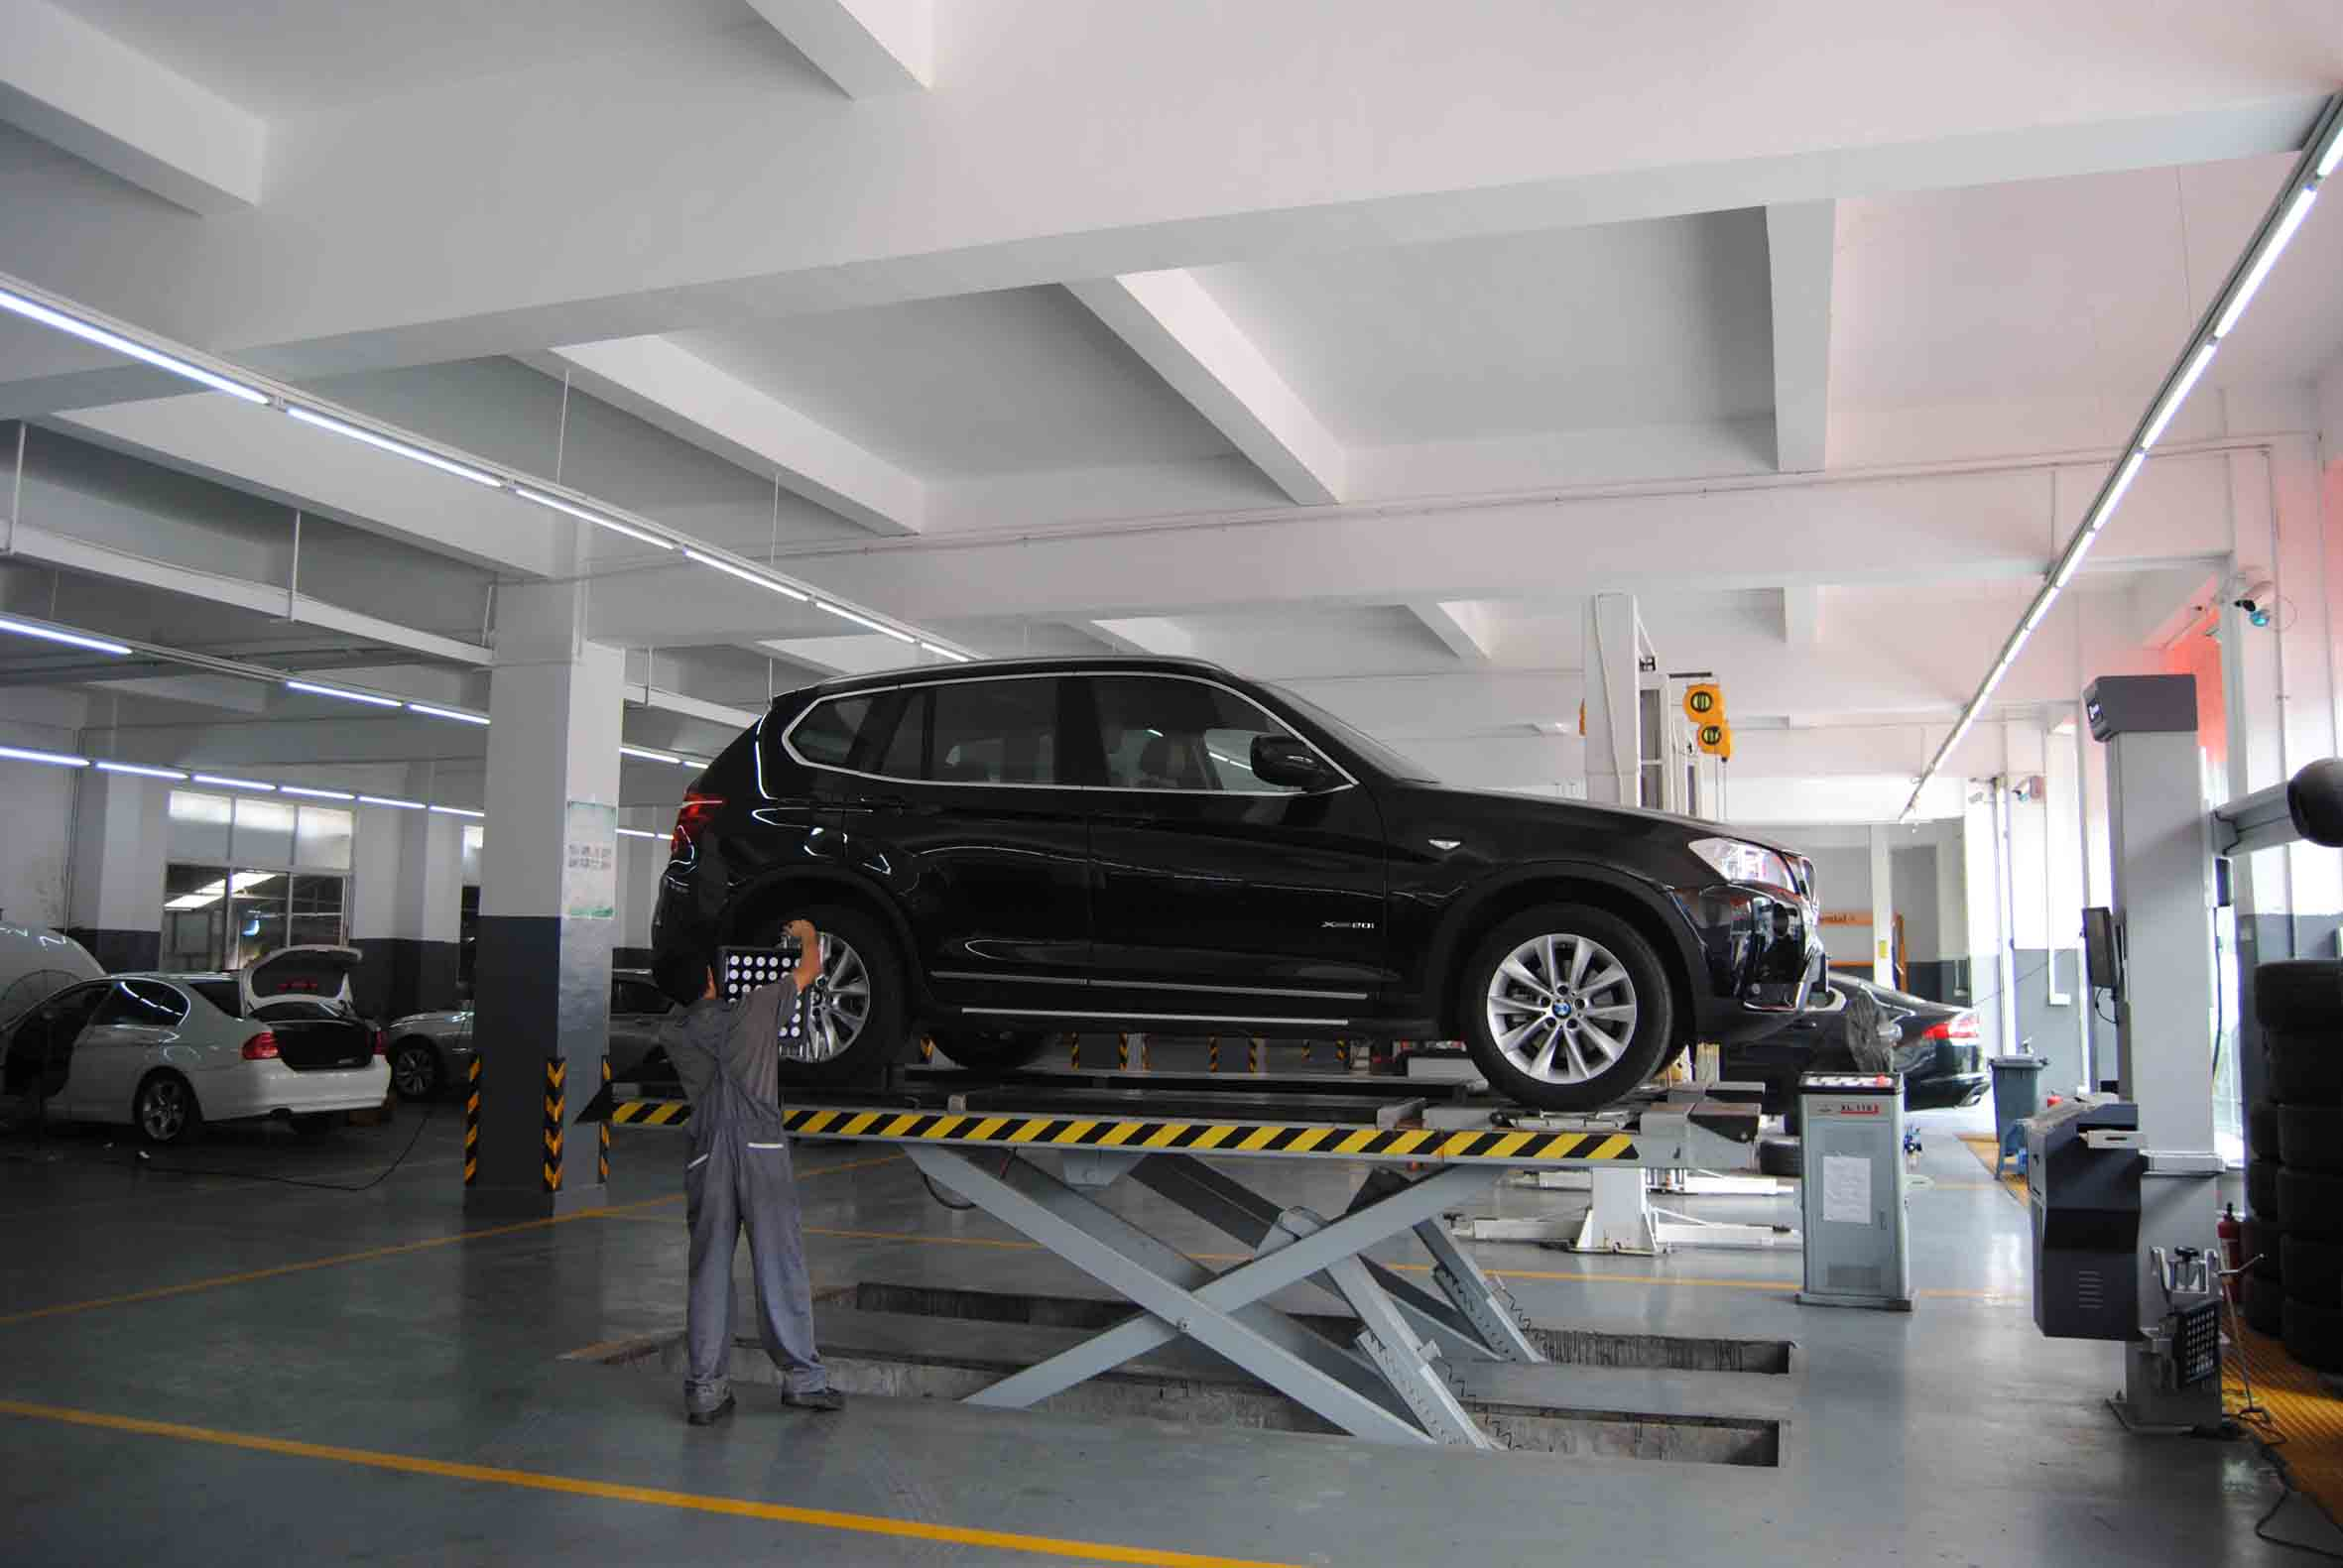 排气管冒烟异常-可信赖的豪车专修服务商